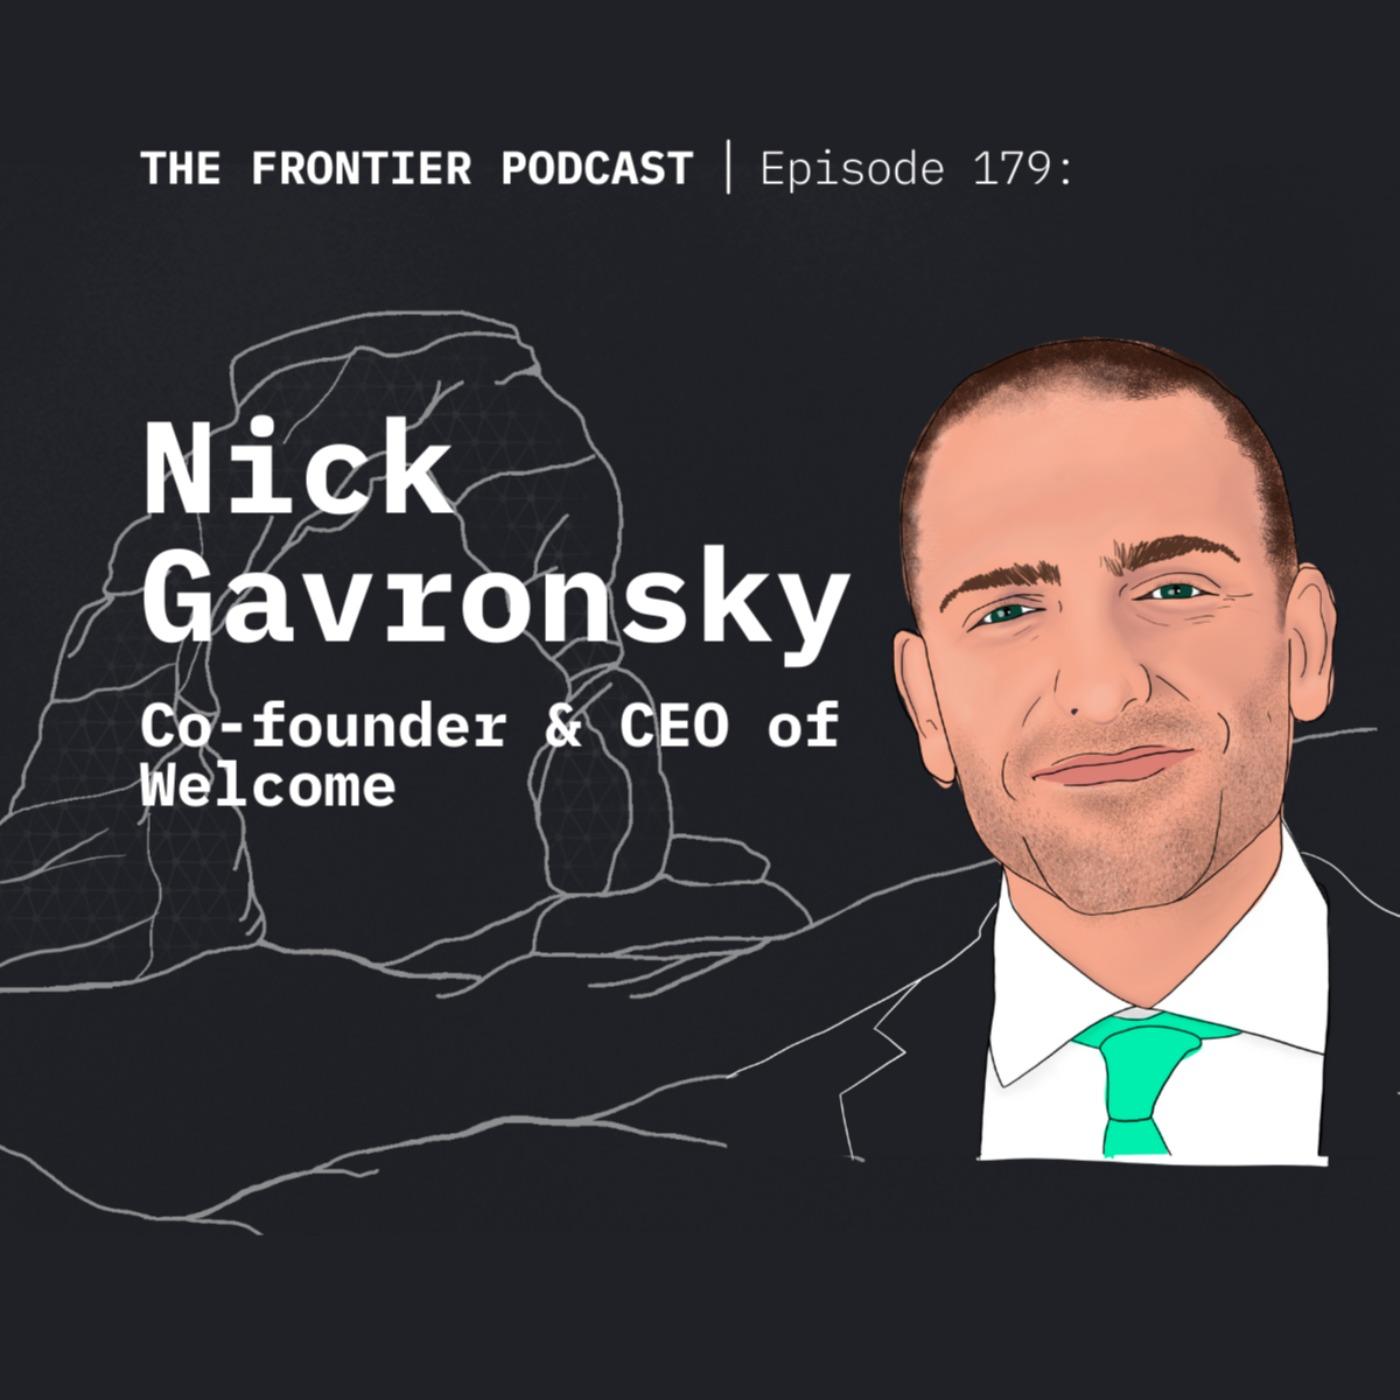 Nick Gavronsky